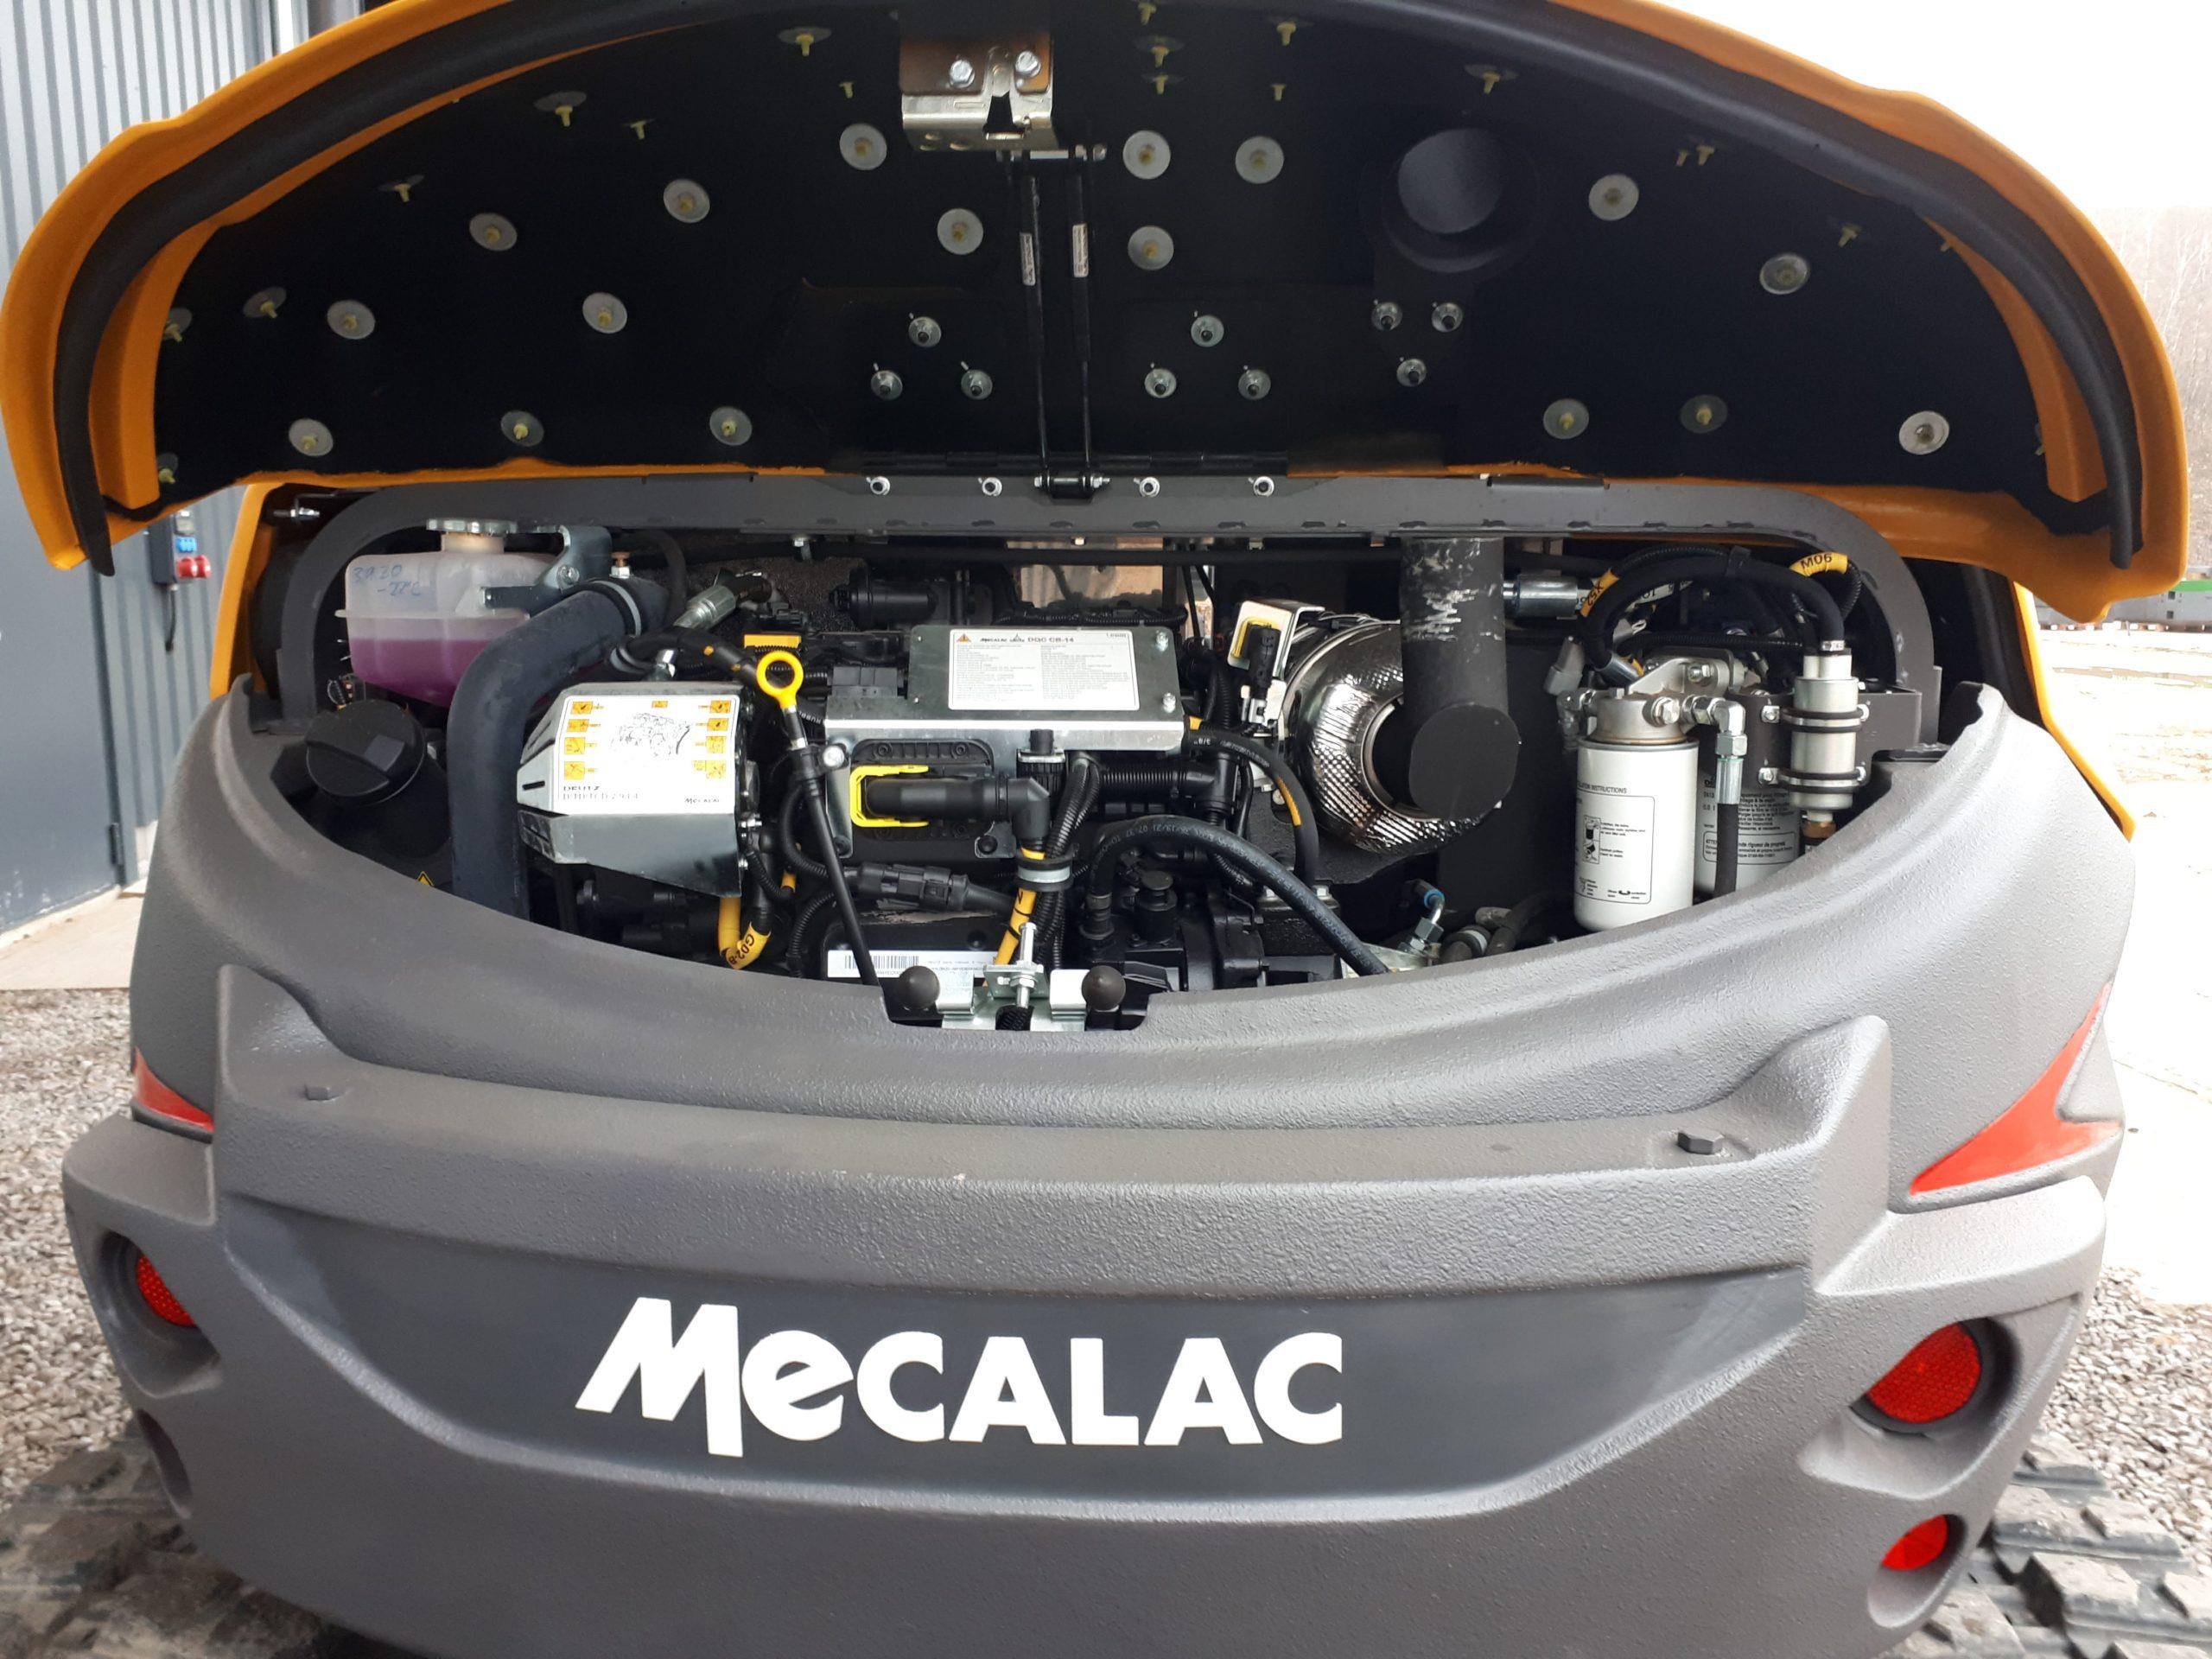 6MCR_Kettenbagger_Skidloader_Mecalac_MBN_kaufen_Stadthagen_Hoppe_Hannover_Motor